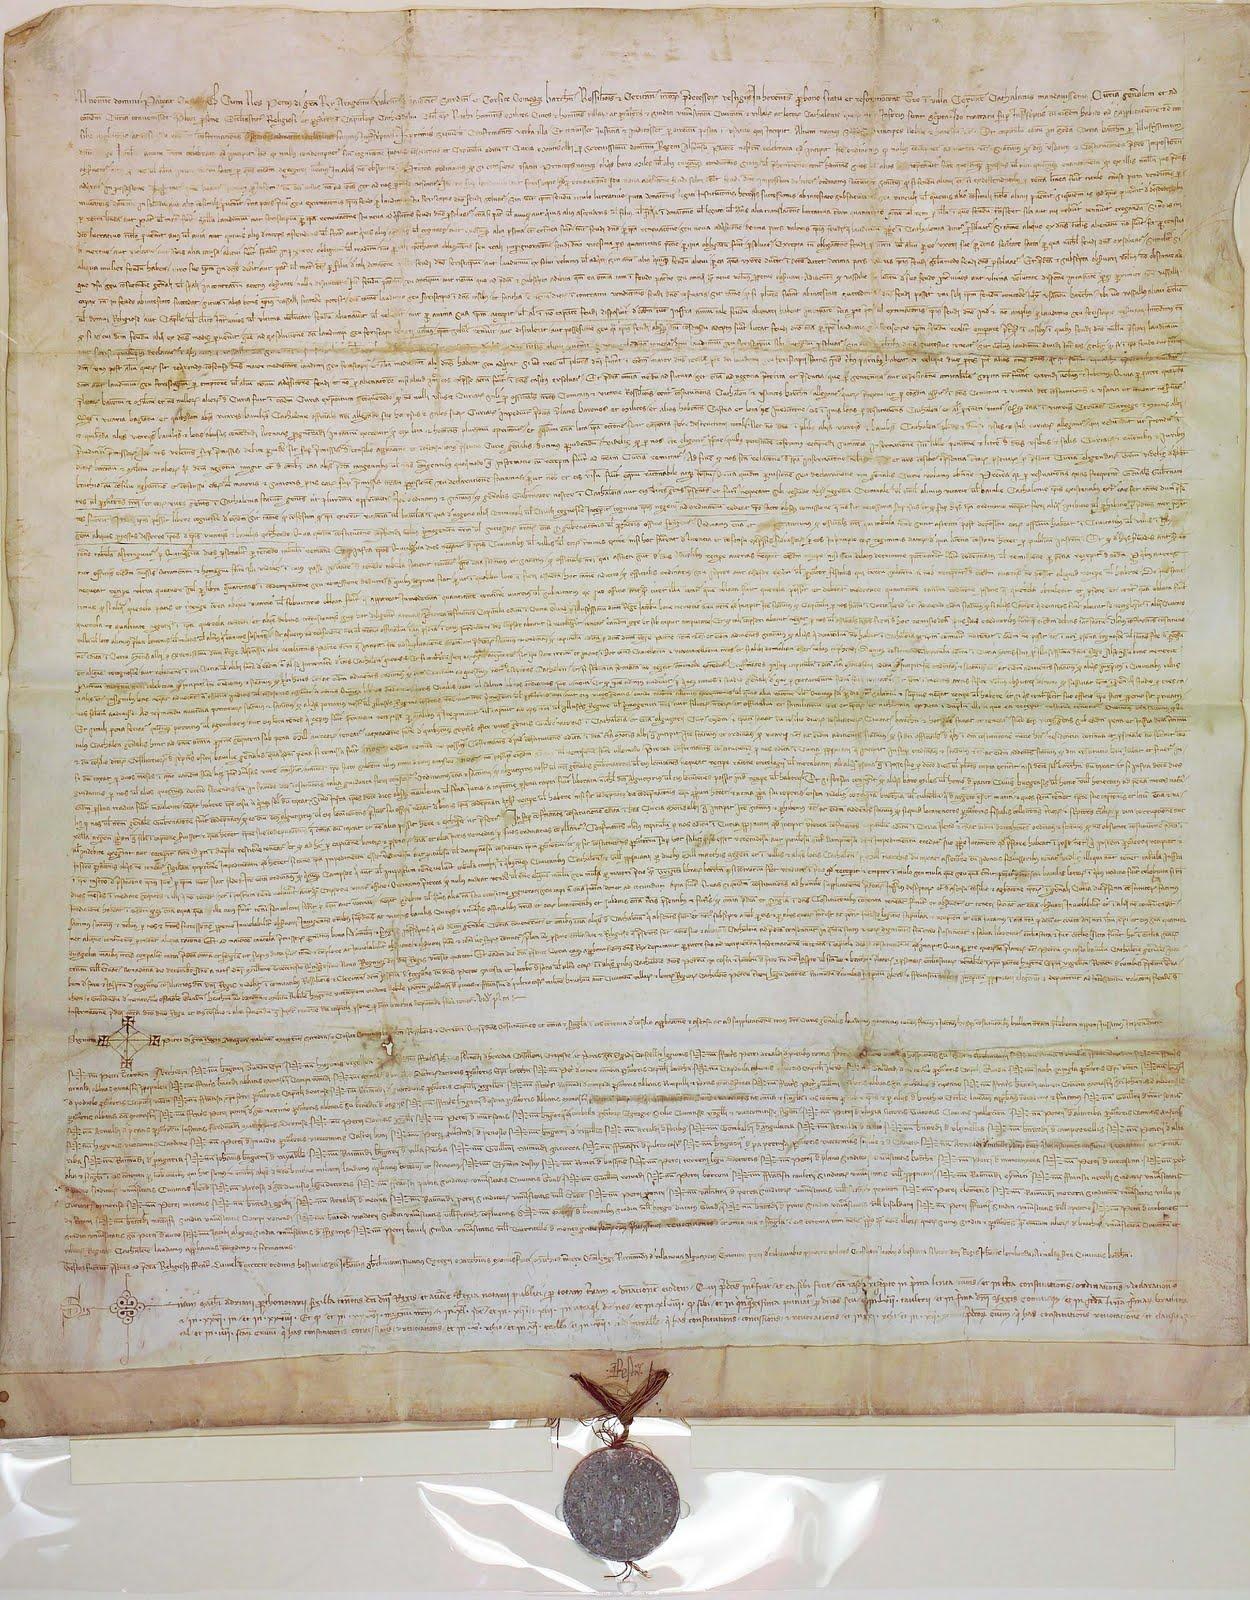 Acta de la Cort General de Catalunya de l'any 1359 celebrada a Cervera (19 de desembre de 1359)